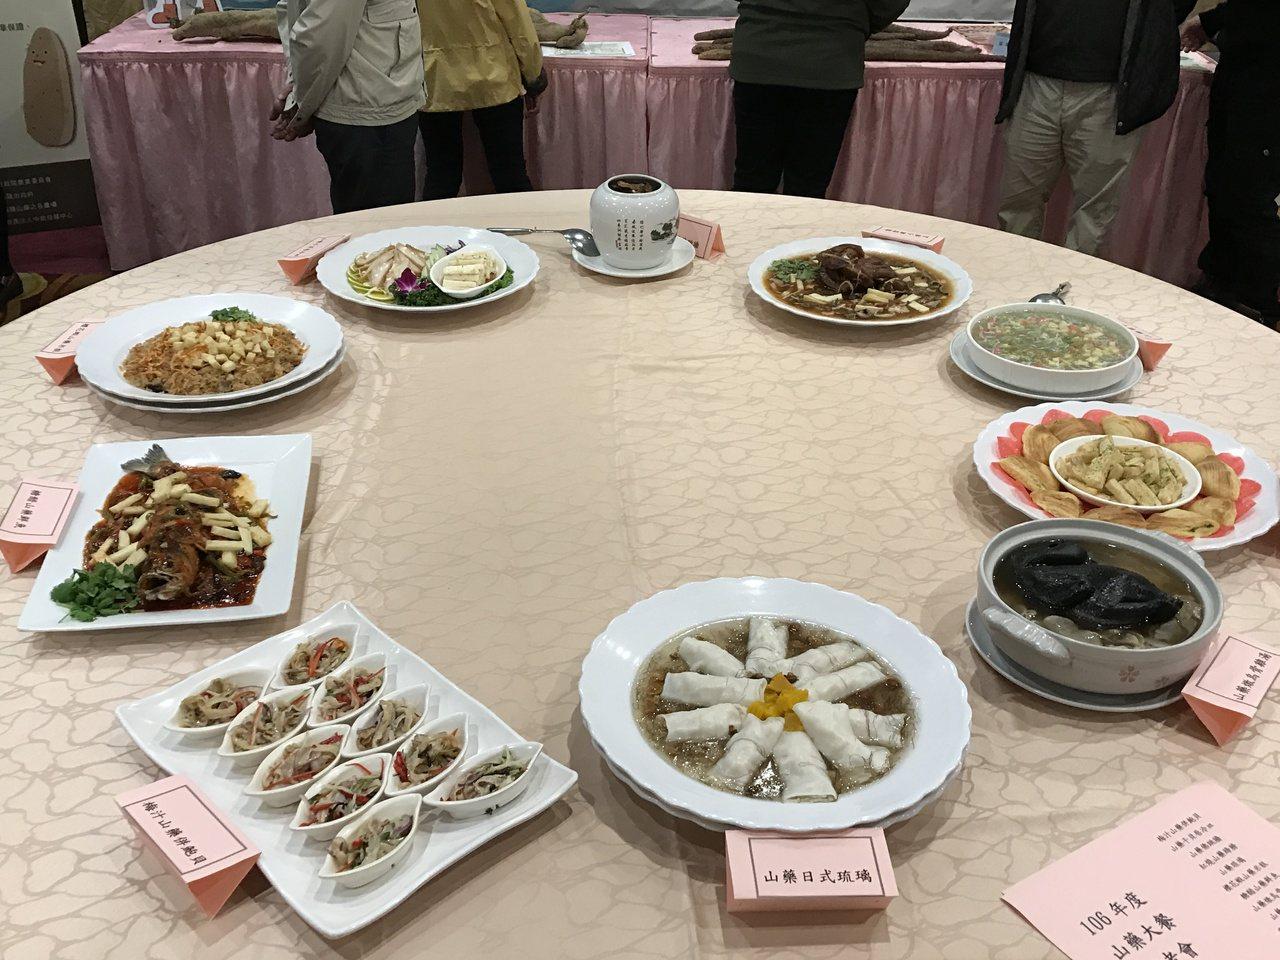 市府在基隆港海產樓發表山藥大餐菜色。記者吳淑君/攝影